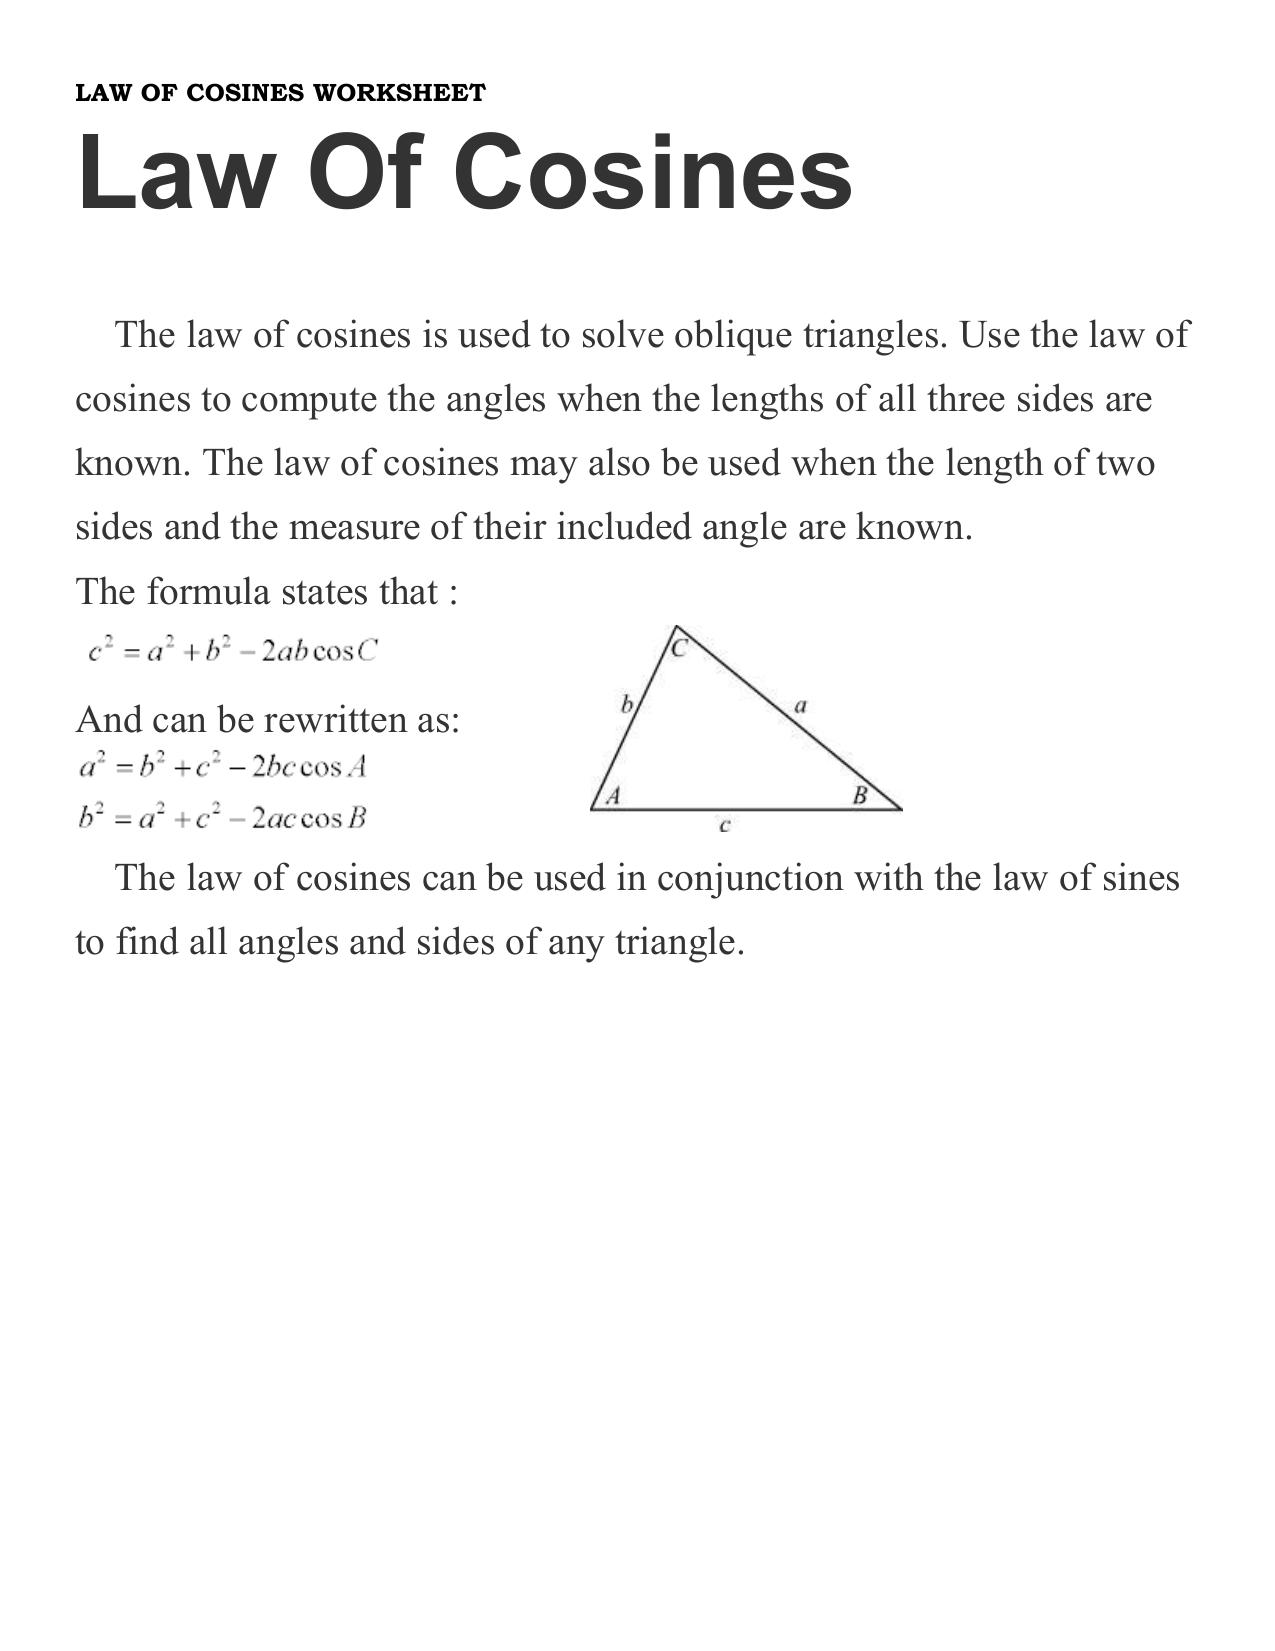 law of cosines worksheet